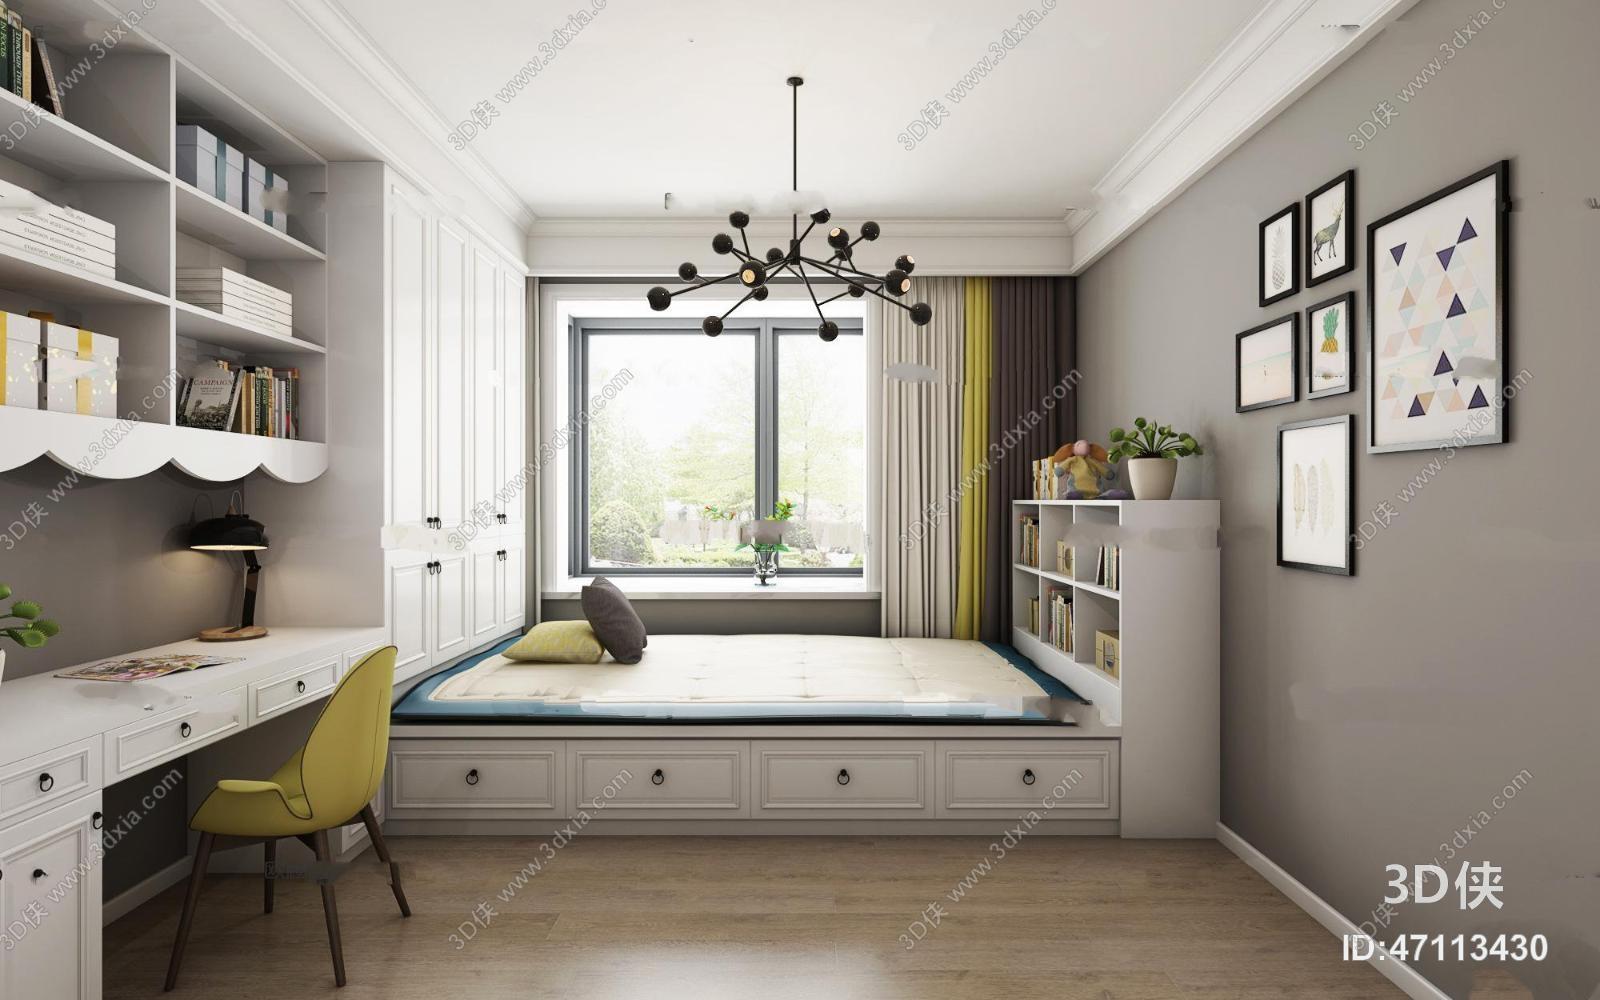 现代榻榻米卧室3D模型